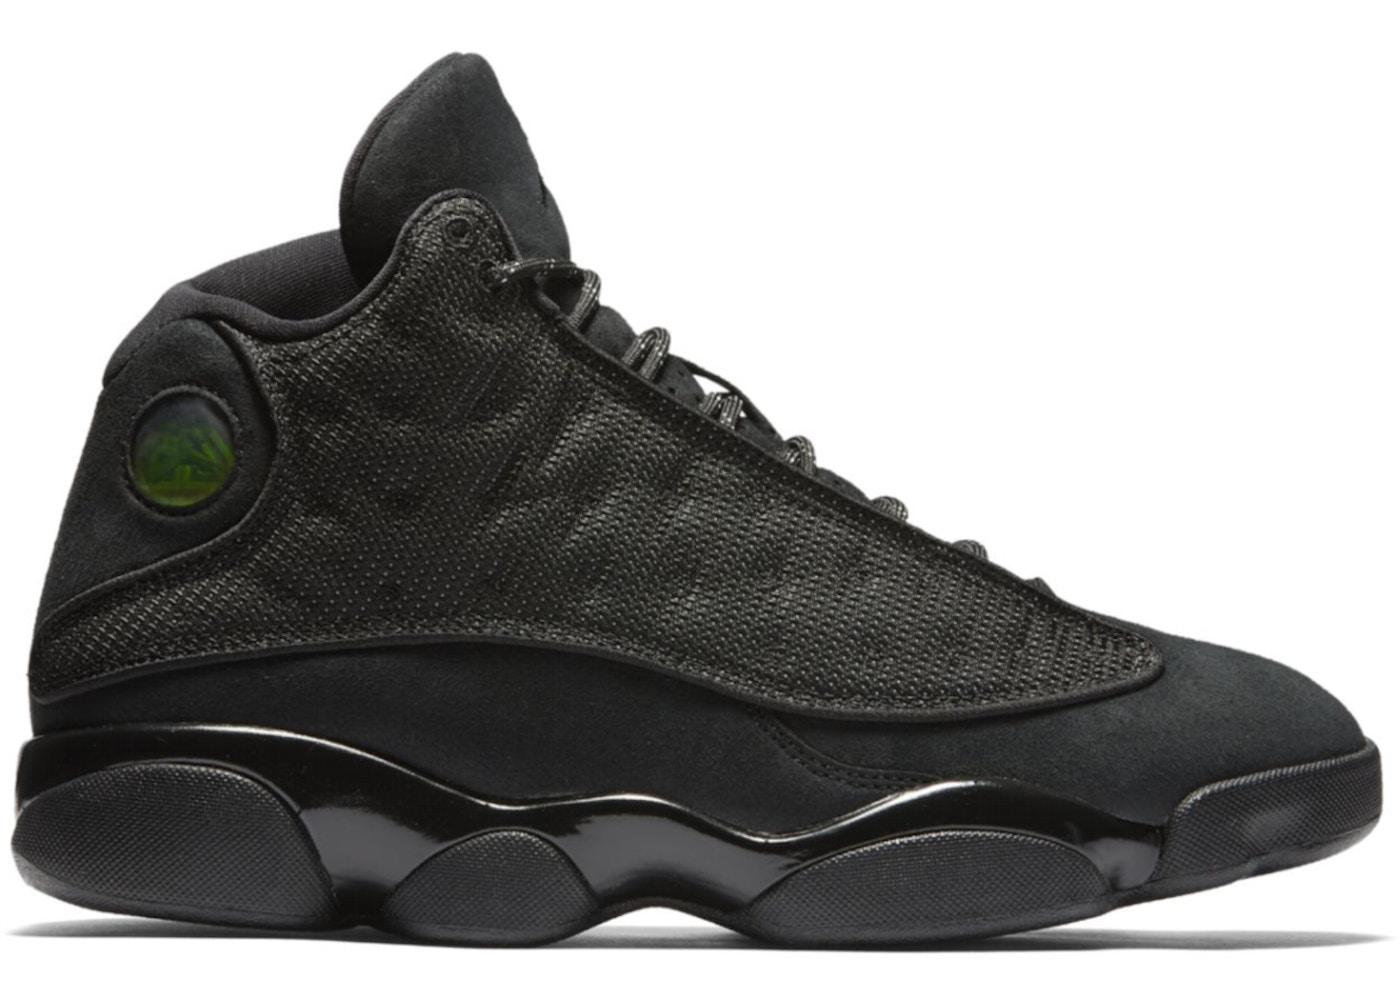 962530fdde4af5 Air Jordan 13 Size 16 Shoes - Release Date